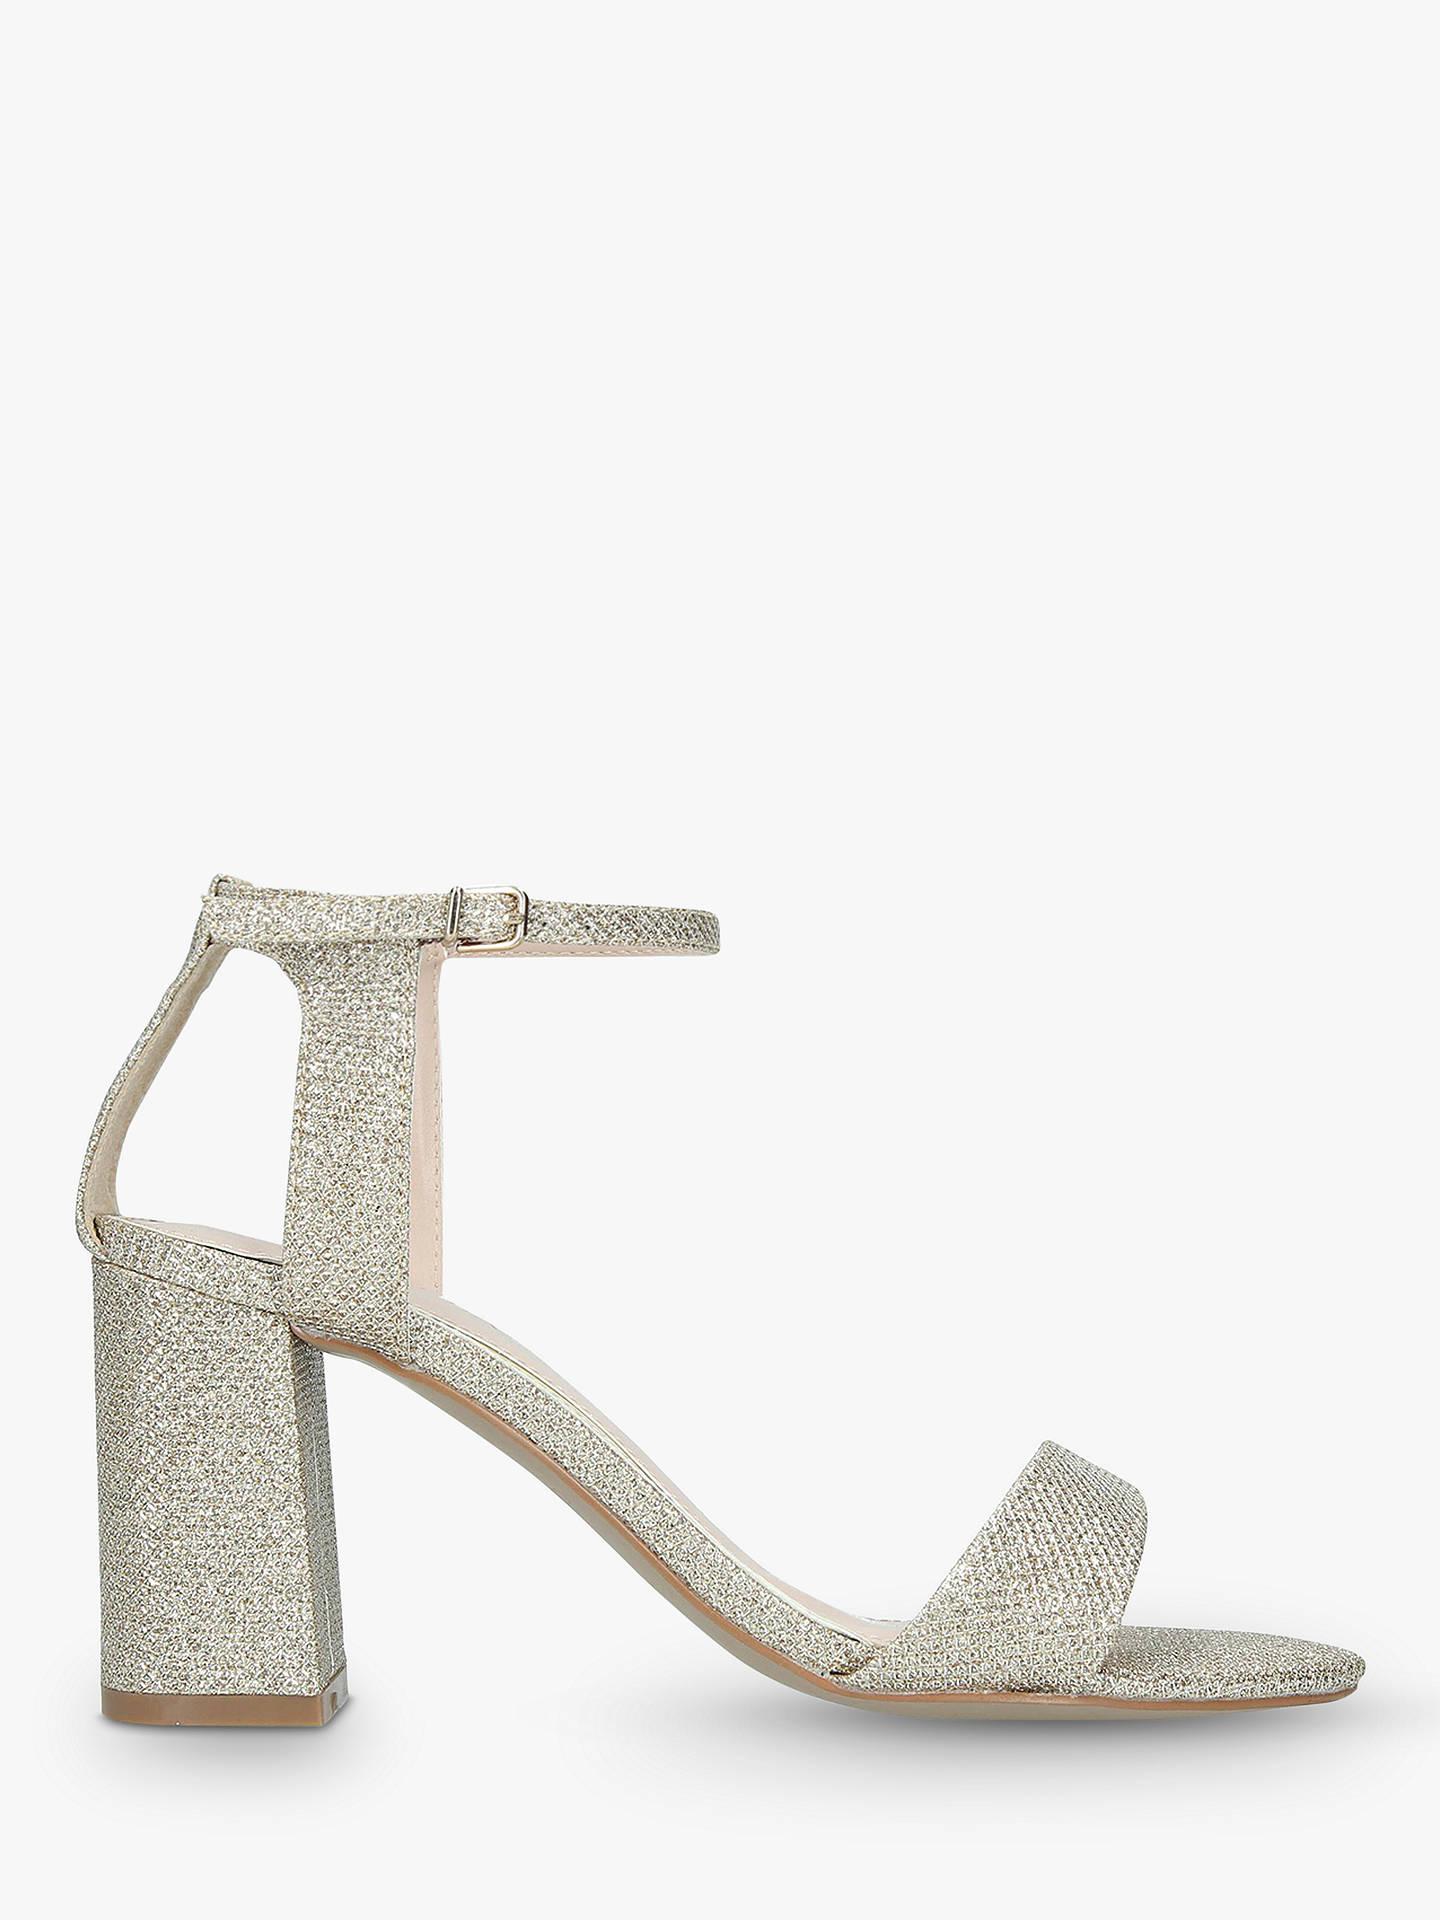 5903da9583f Carvela Kiki Block Heel Sandals, Gold